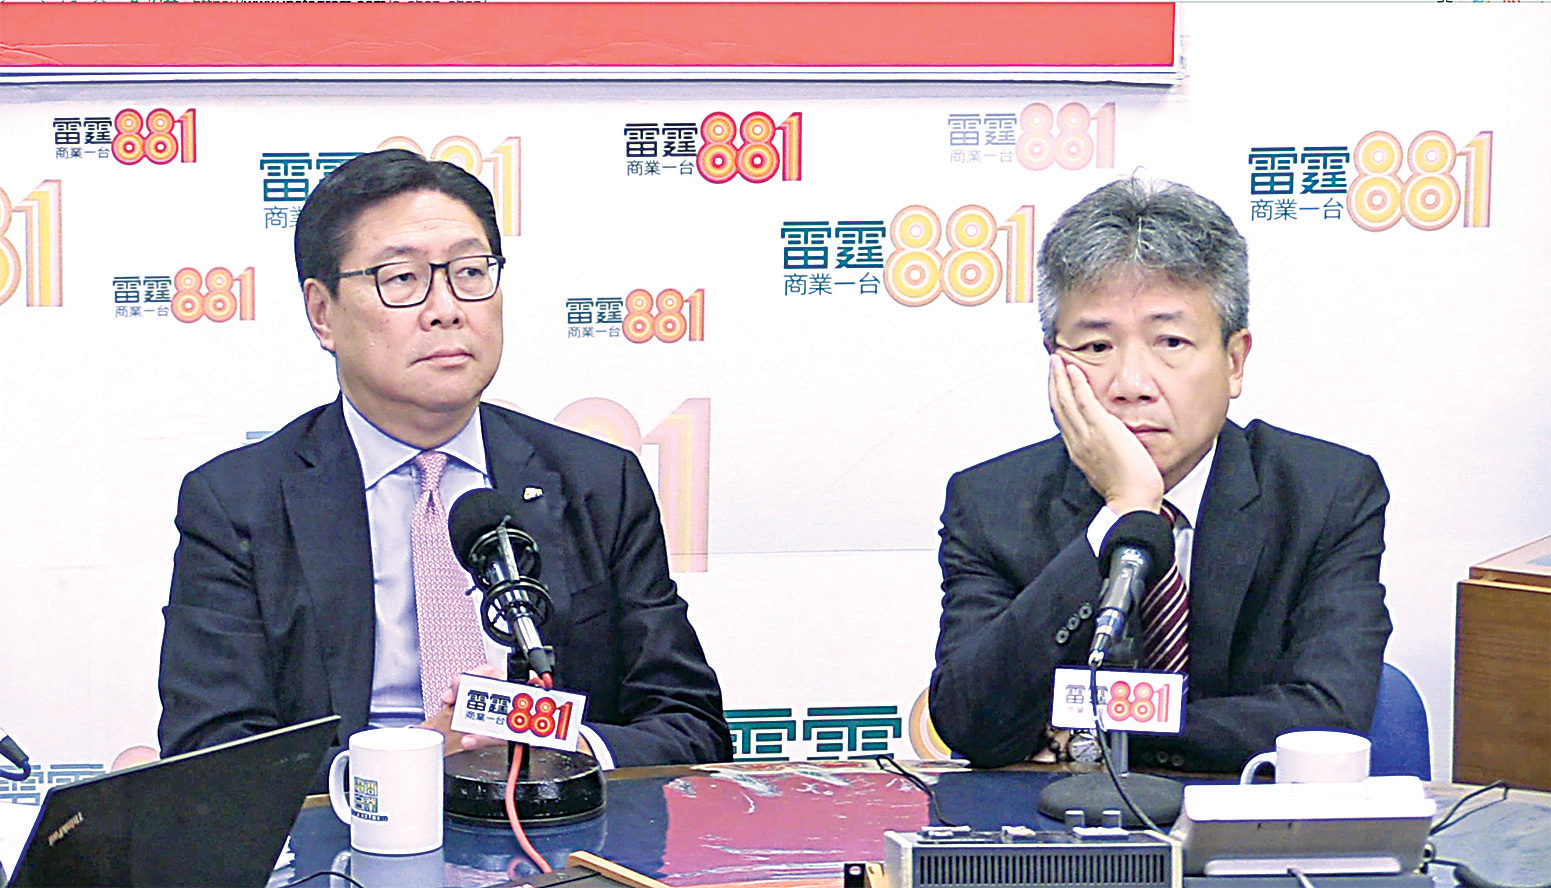 教大校董會主席馬時亨(左)表示,希望外界不要政治化教大民主牆冒犯事件。旁為教大校長張仁良(右)。(孫青天/大紀元)